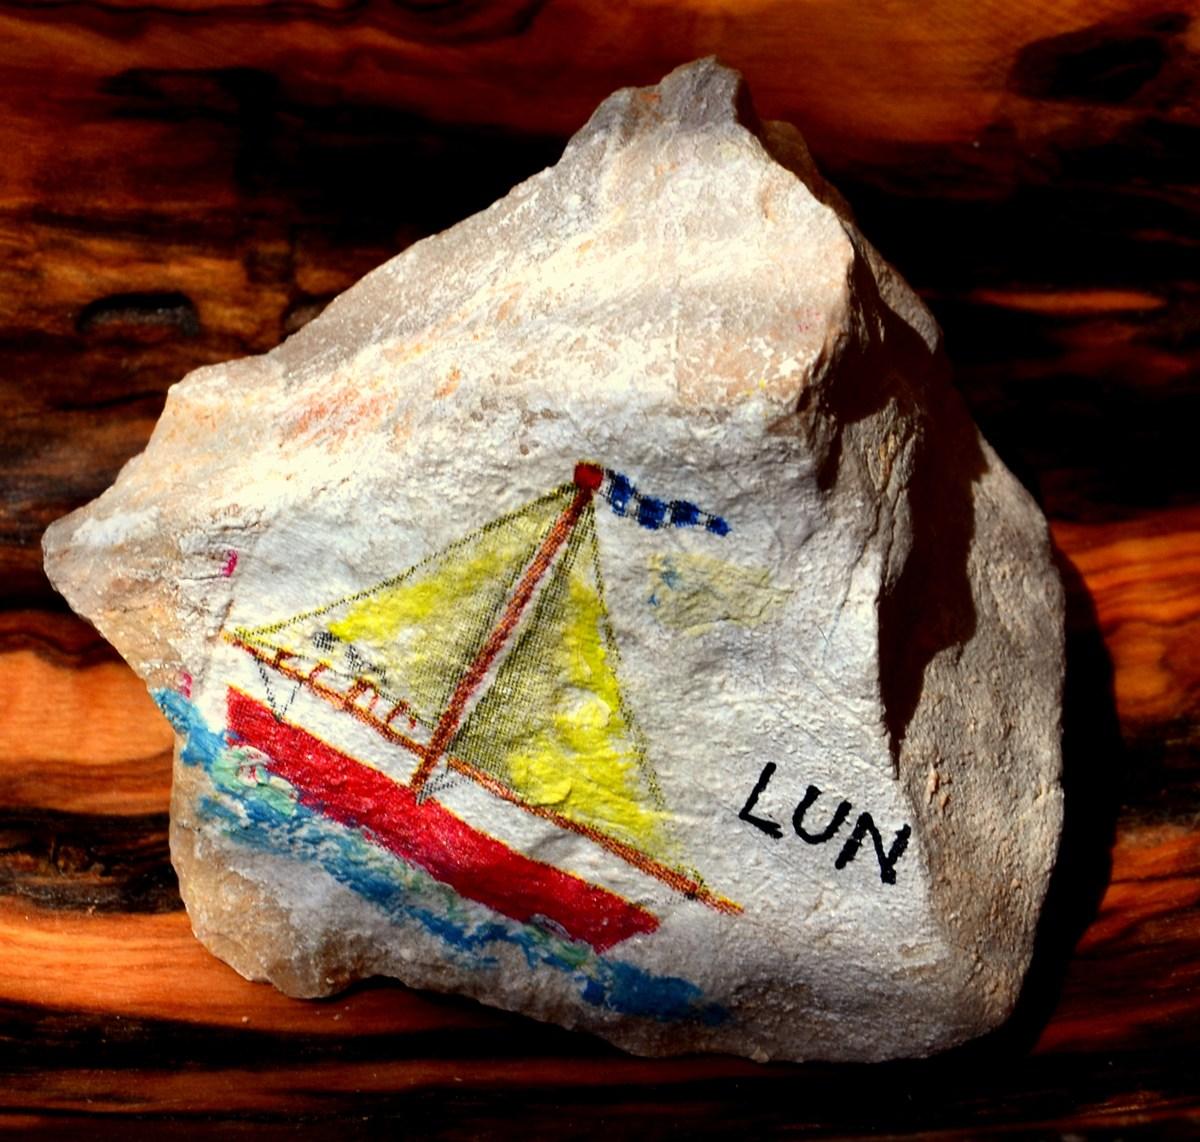 Tudi kamen, porisan, je lahko lep spominek.